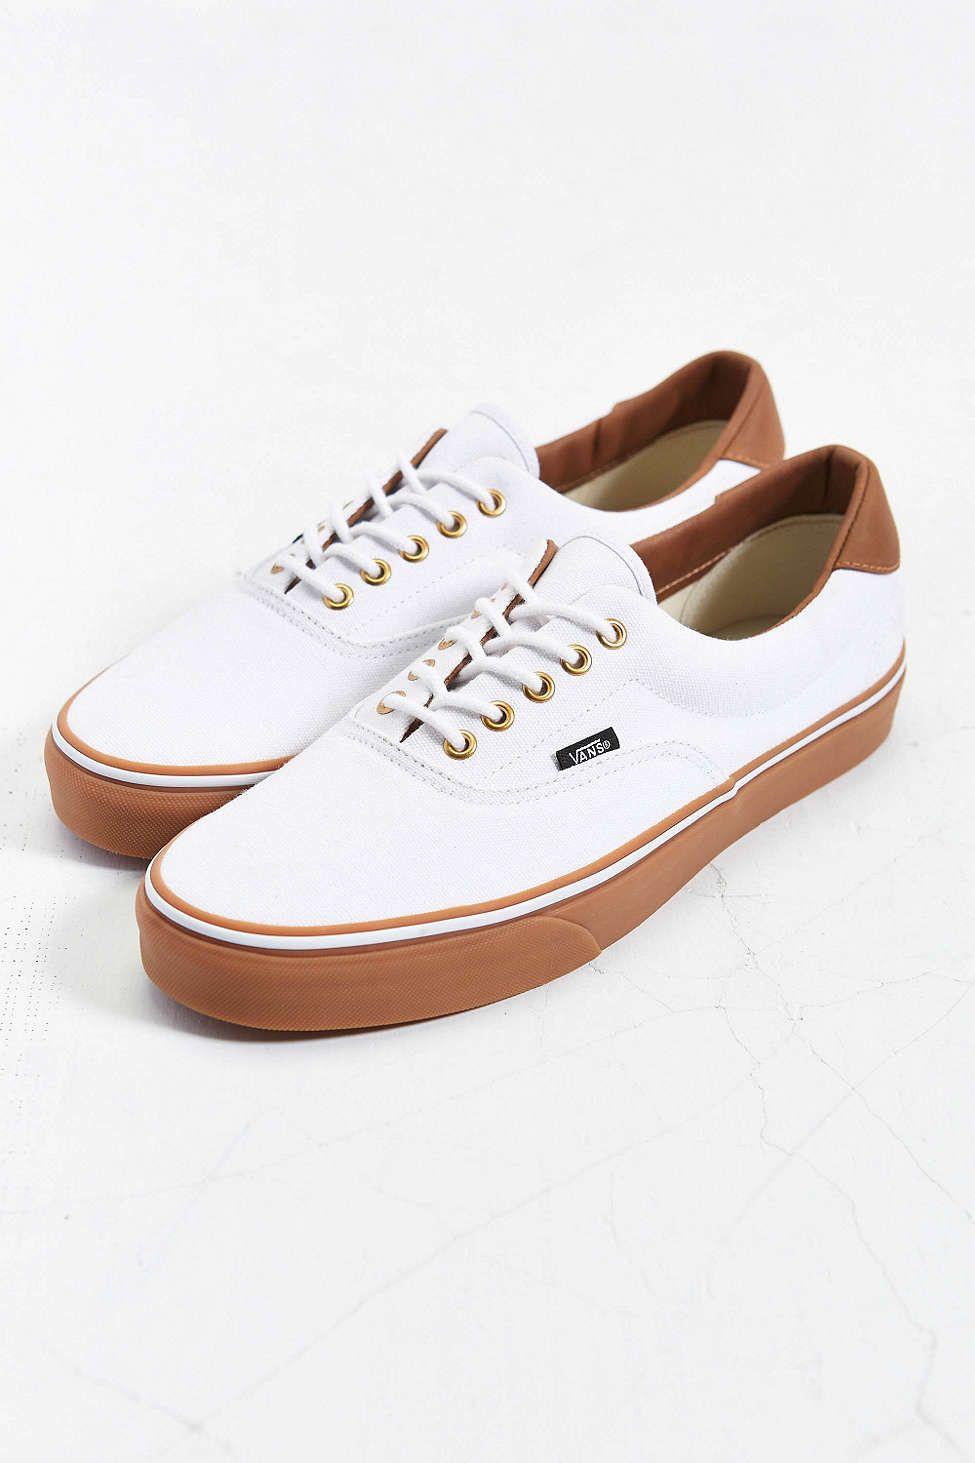 Vans California Era 59 Gumsole Sneaker | Shoes in 2019